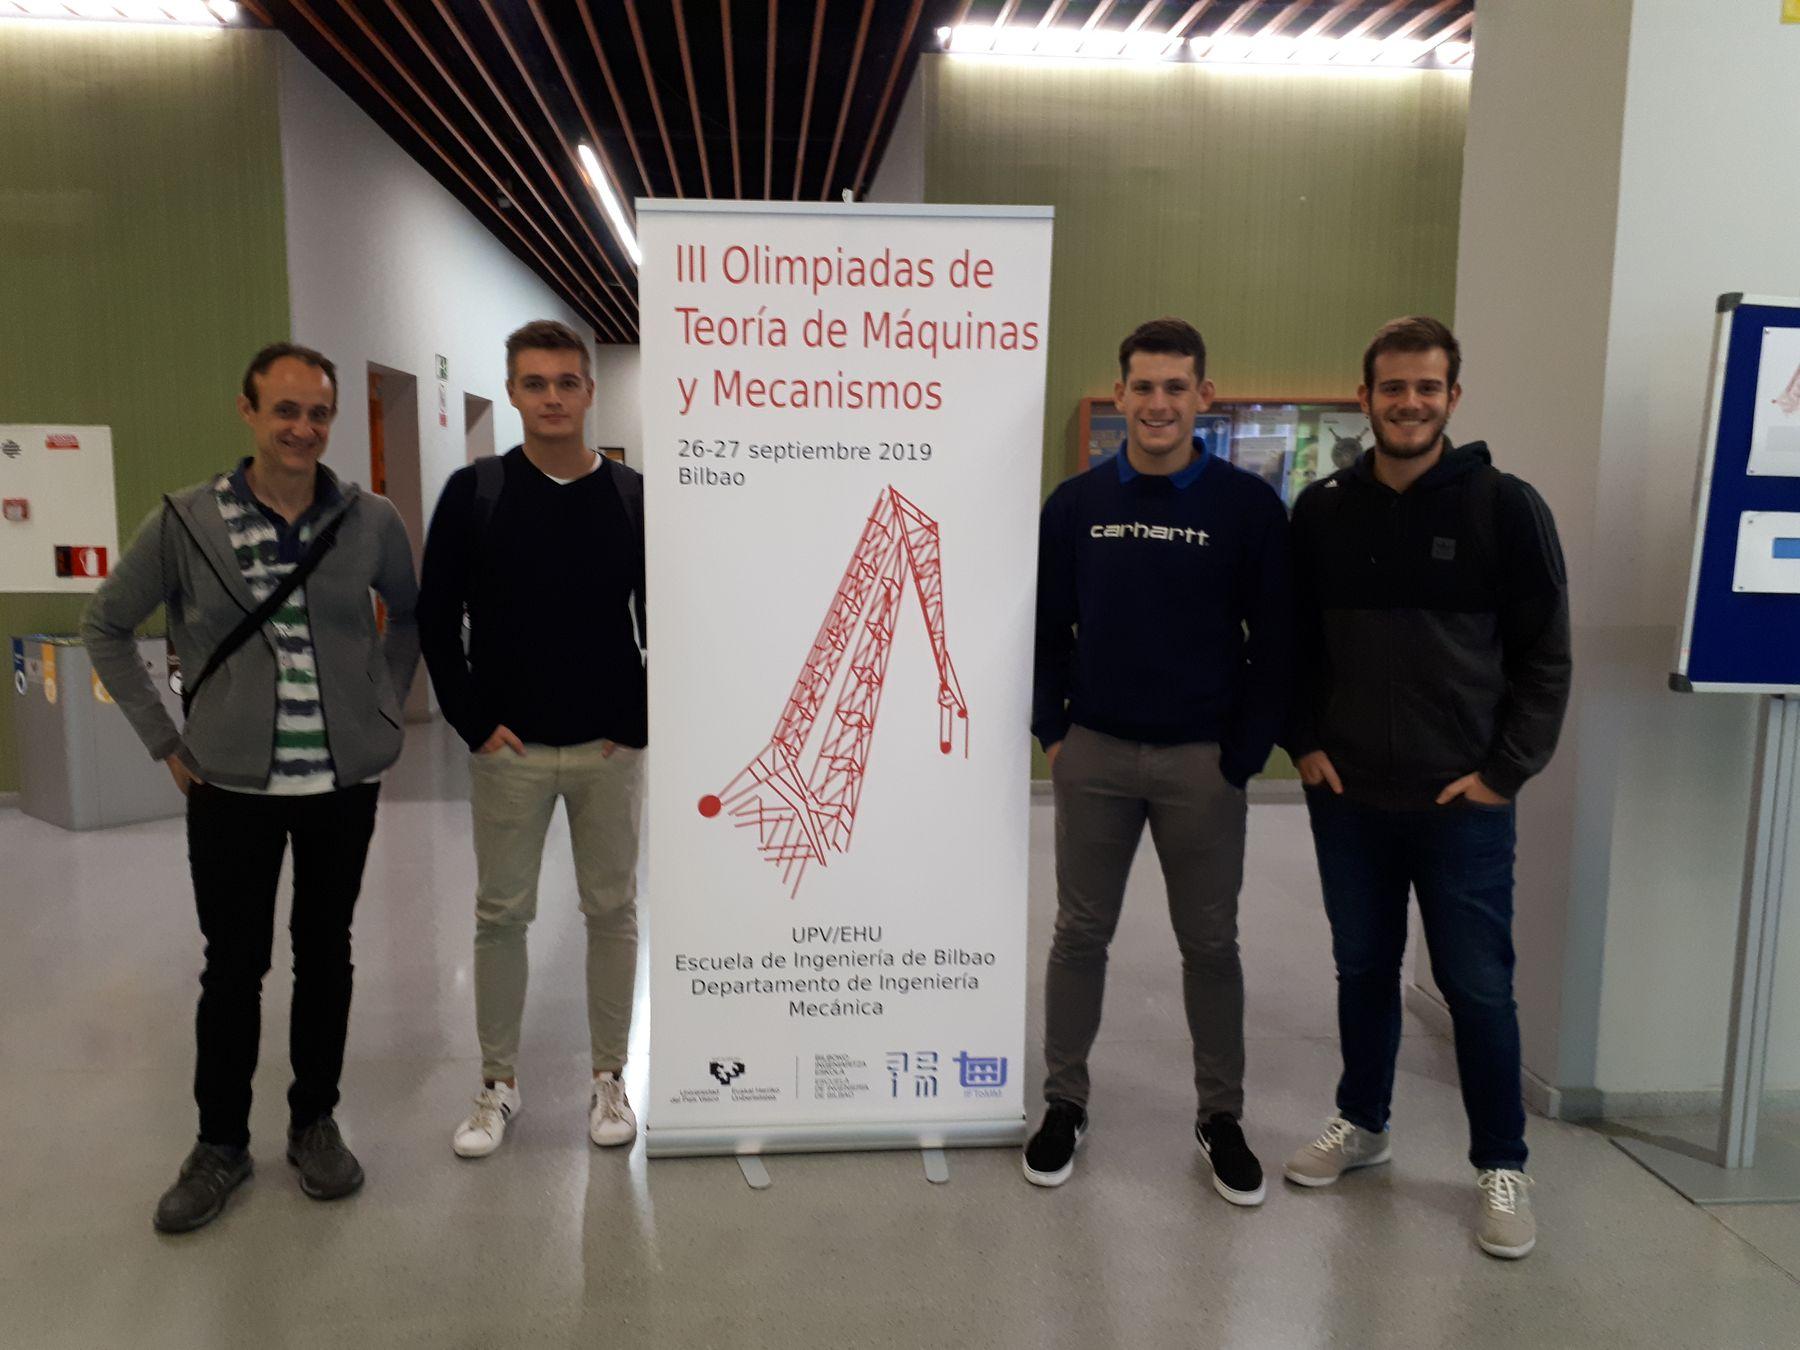 Estudiantes participantes en la Olimpiada, junto al profesorado. De izda. a dcha., Xabier Iriarte, Mario López, Lucas Monreal y Javier Lerga.